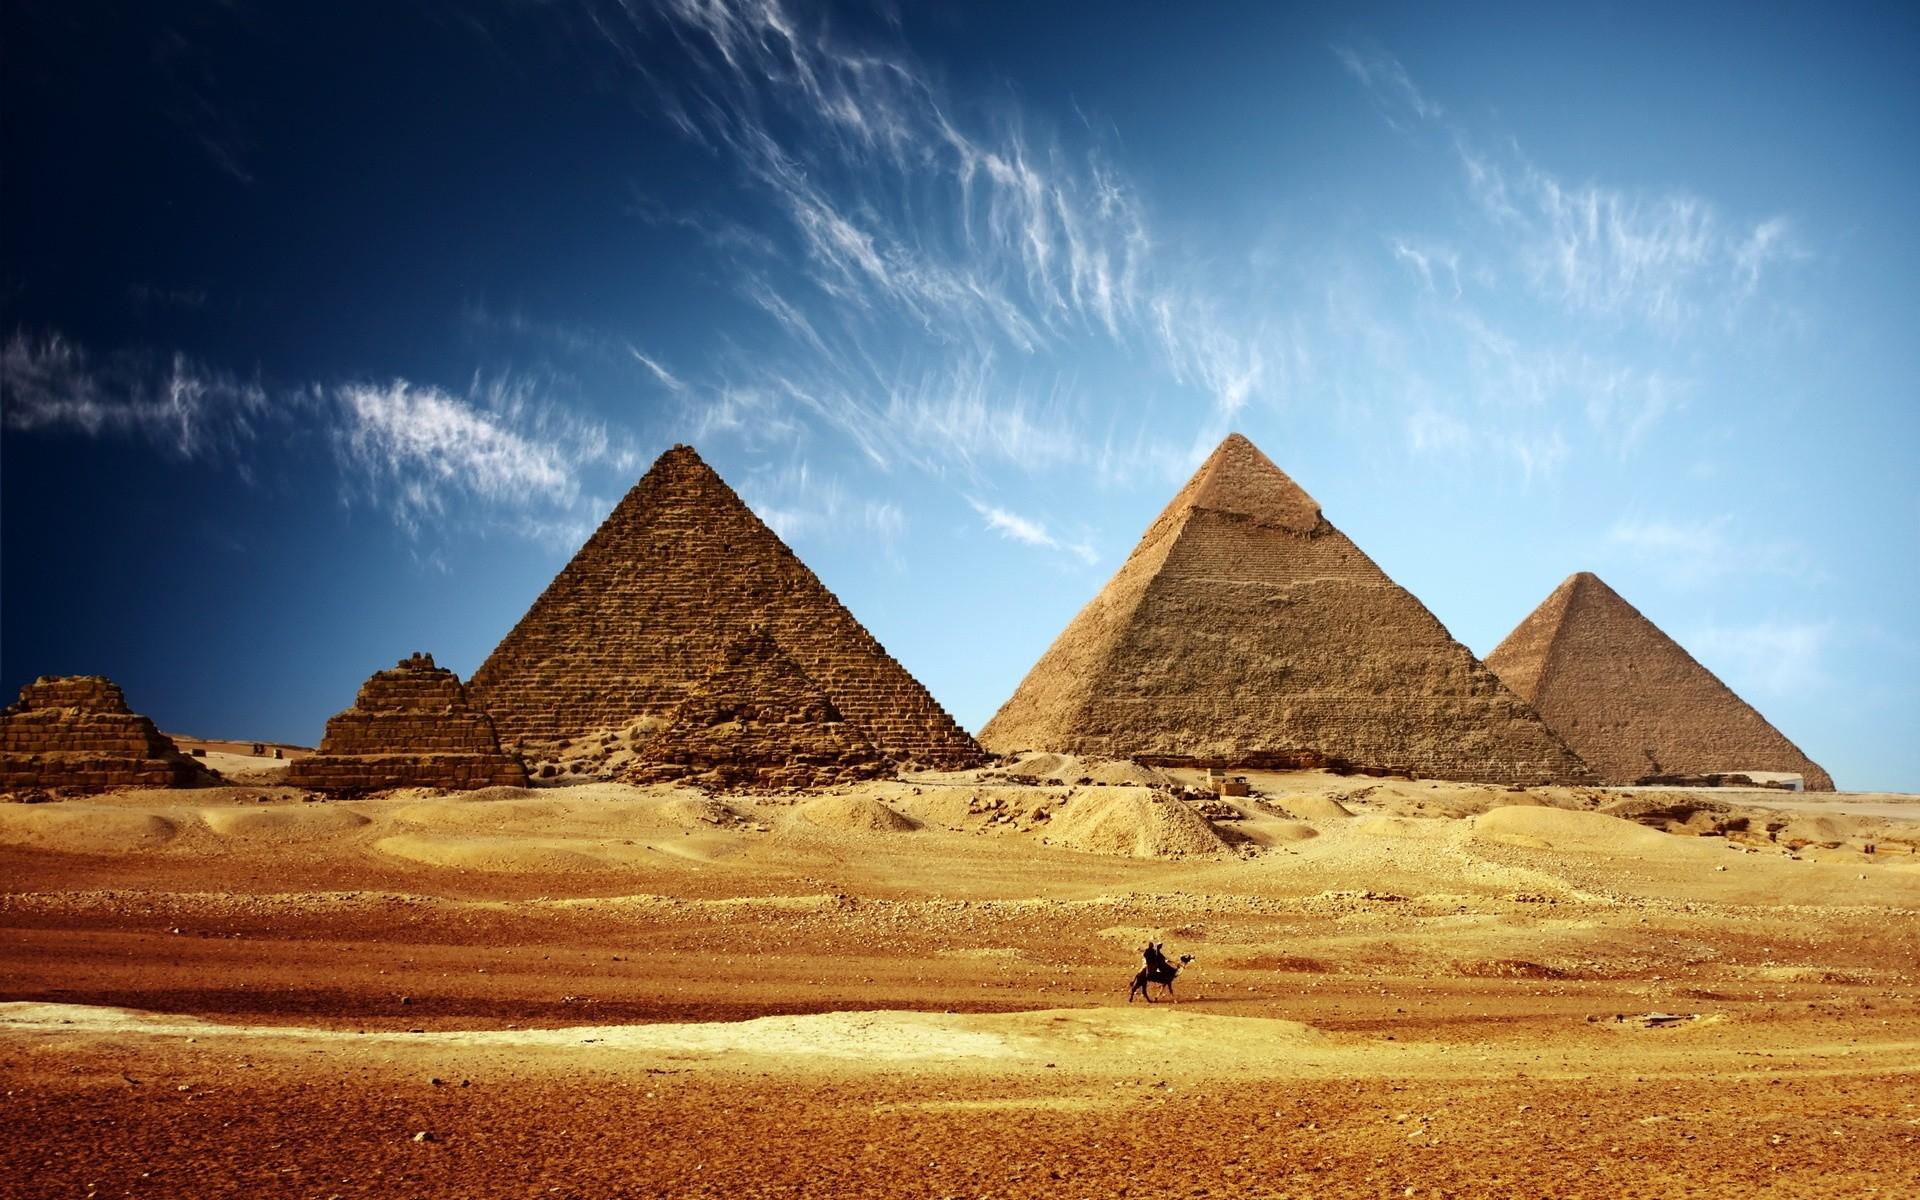 egypt widescreen